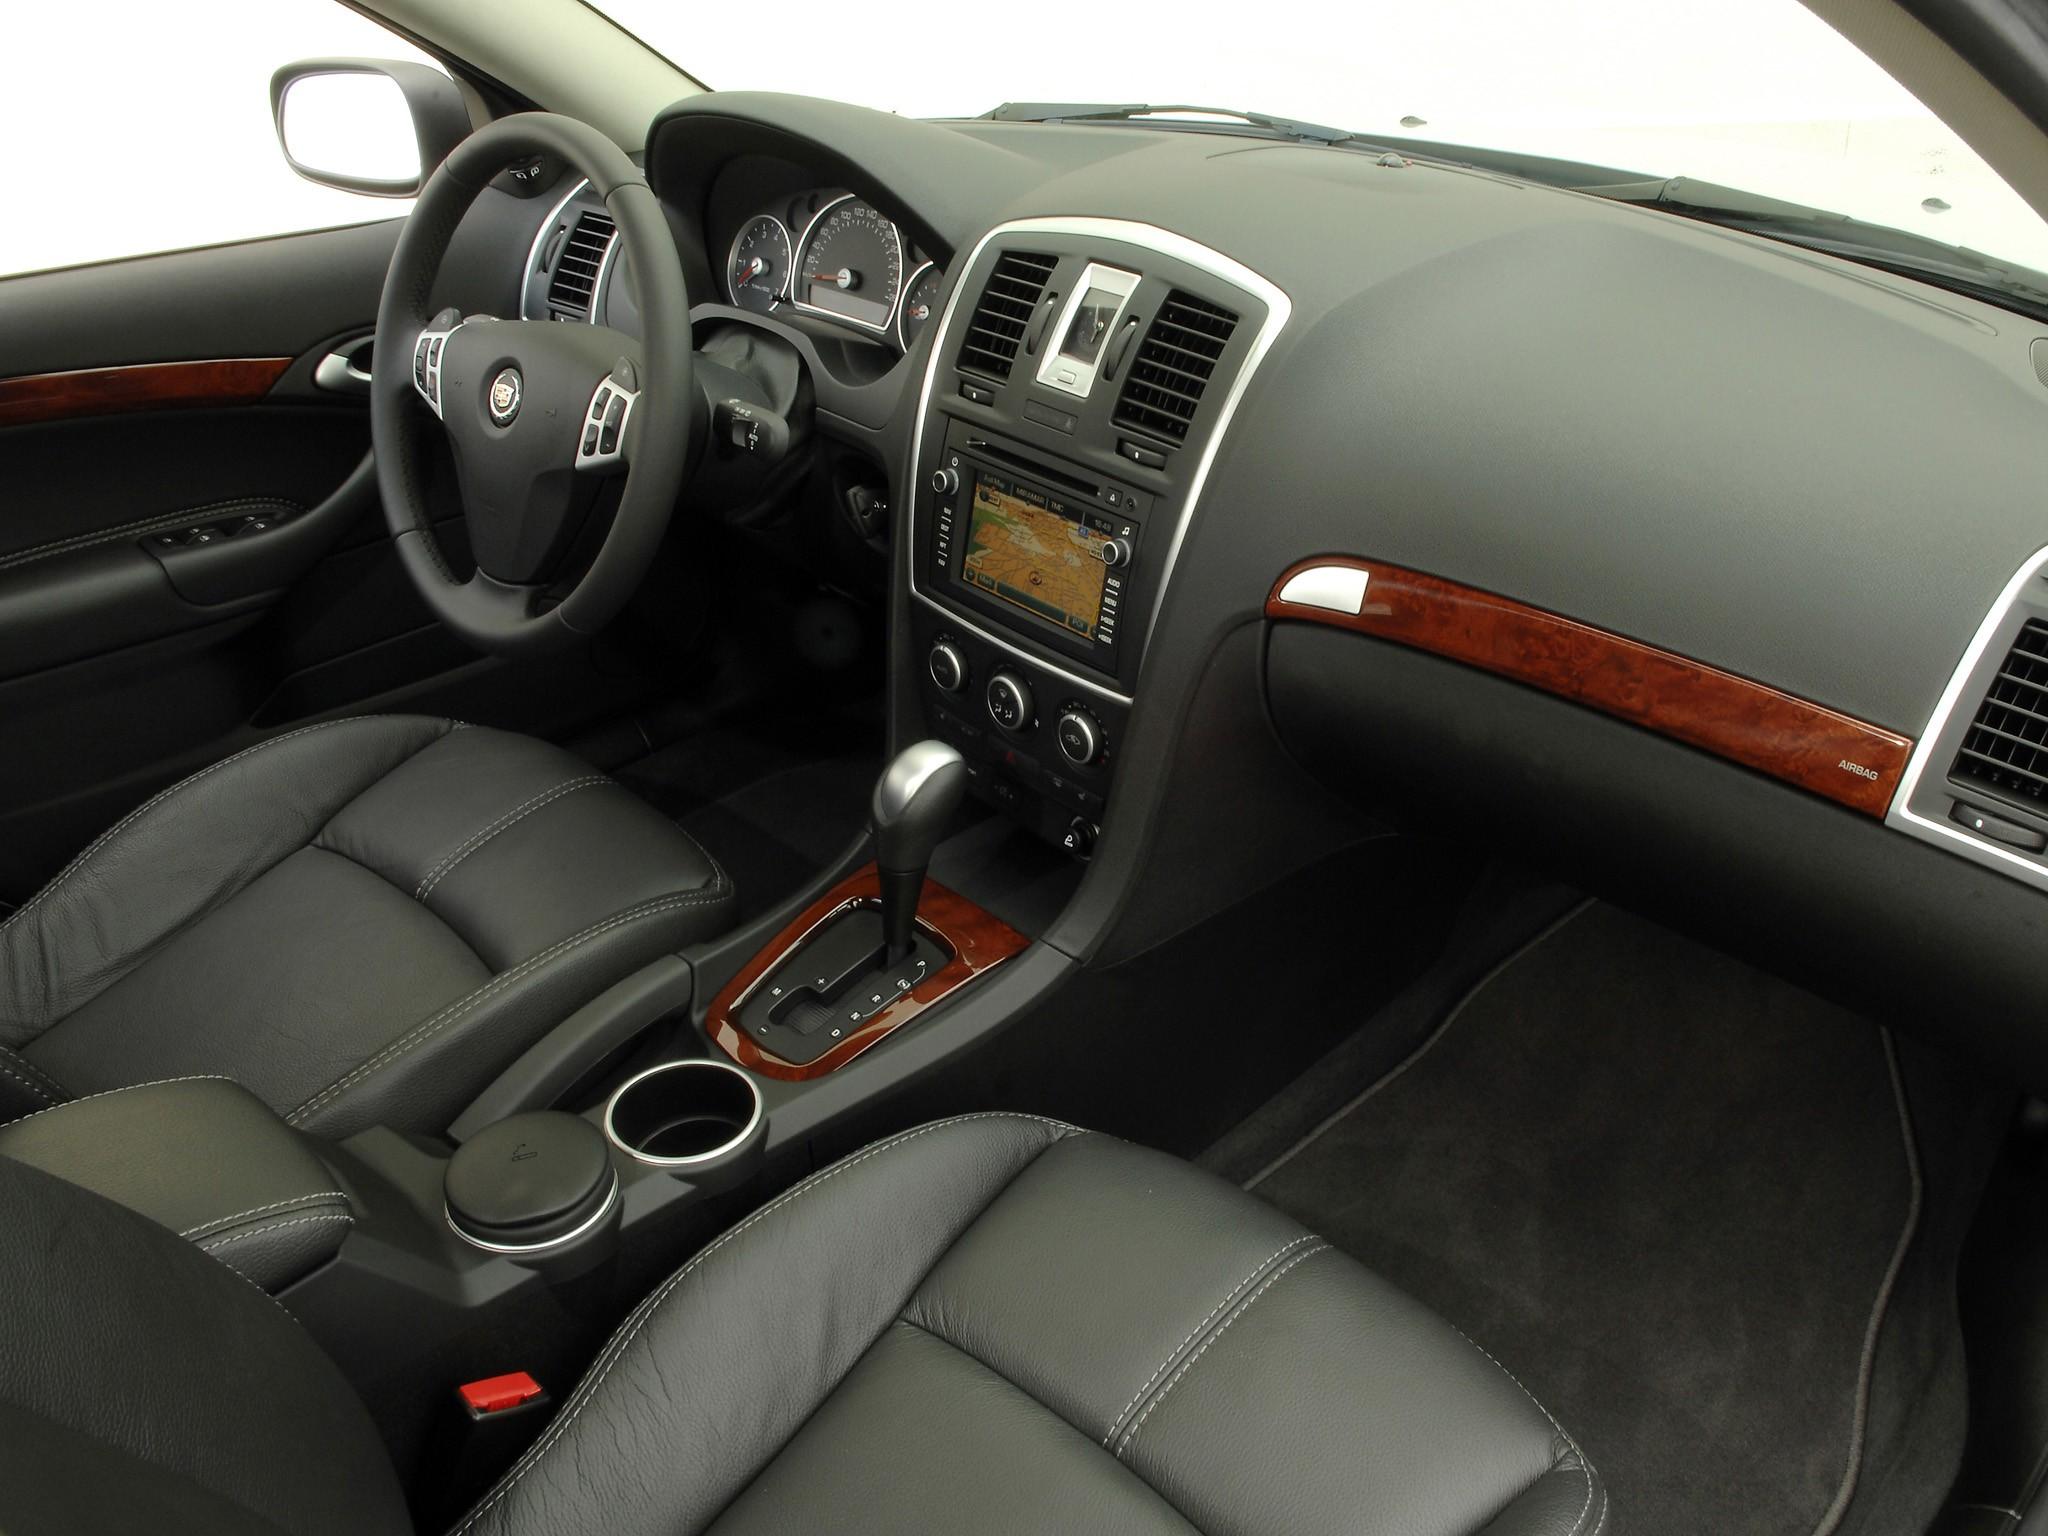 Cadillac Bls Wagon Specs 2007 2008 2009 2010 Autoevolution